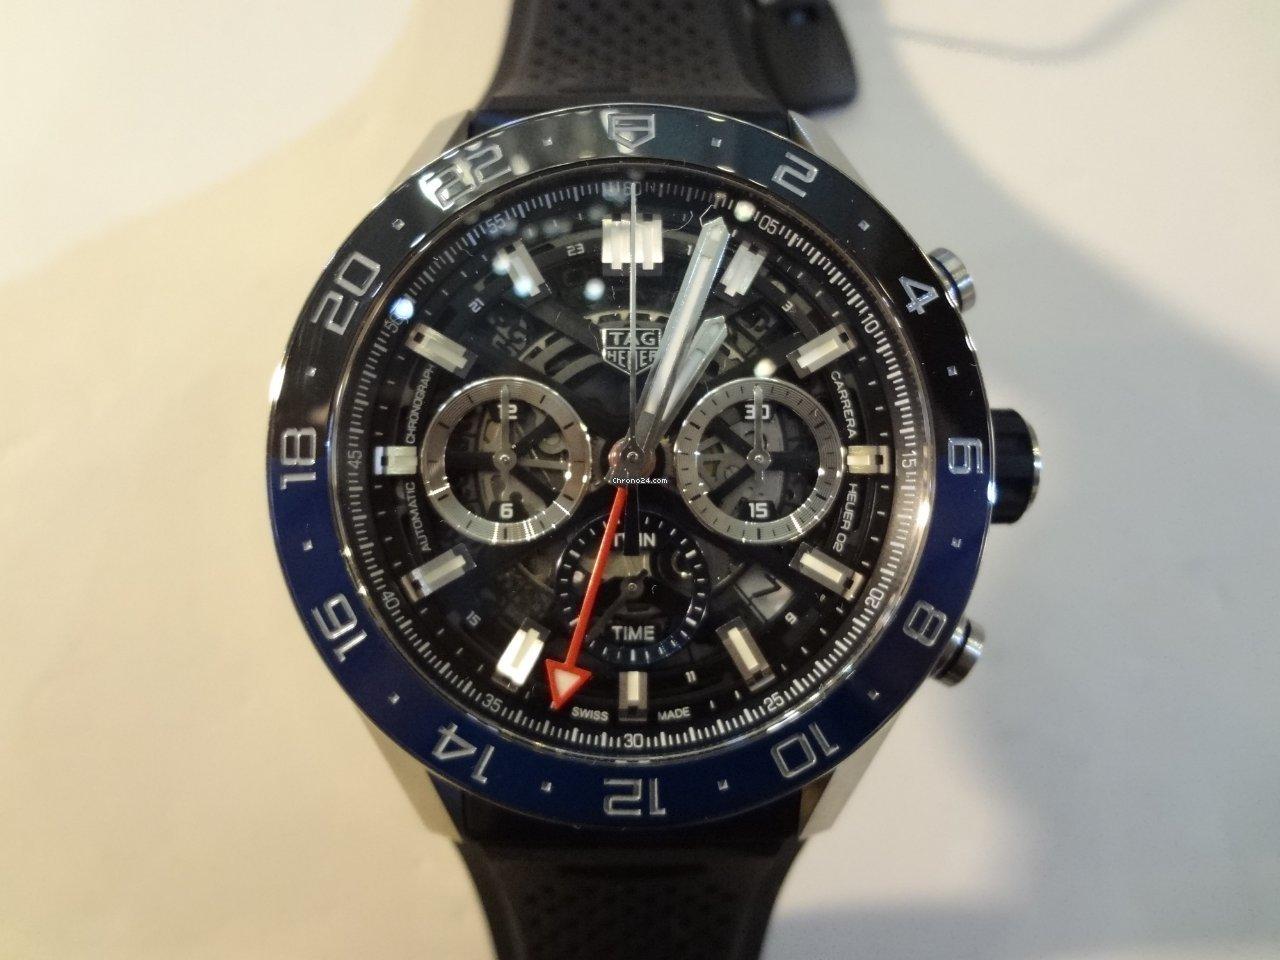 81cd65bbdd16 Precio de relojes TAG Heuer Carrera en Chrono24